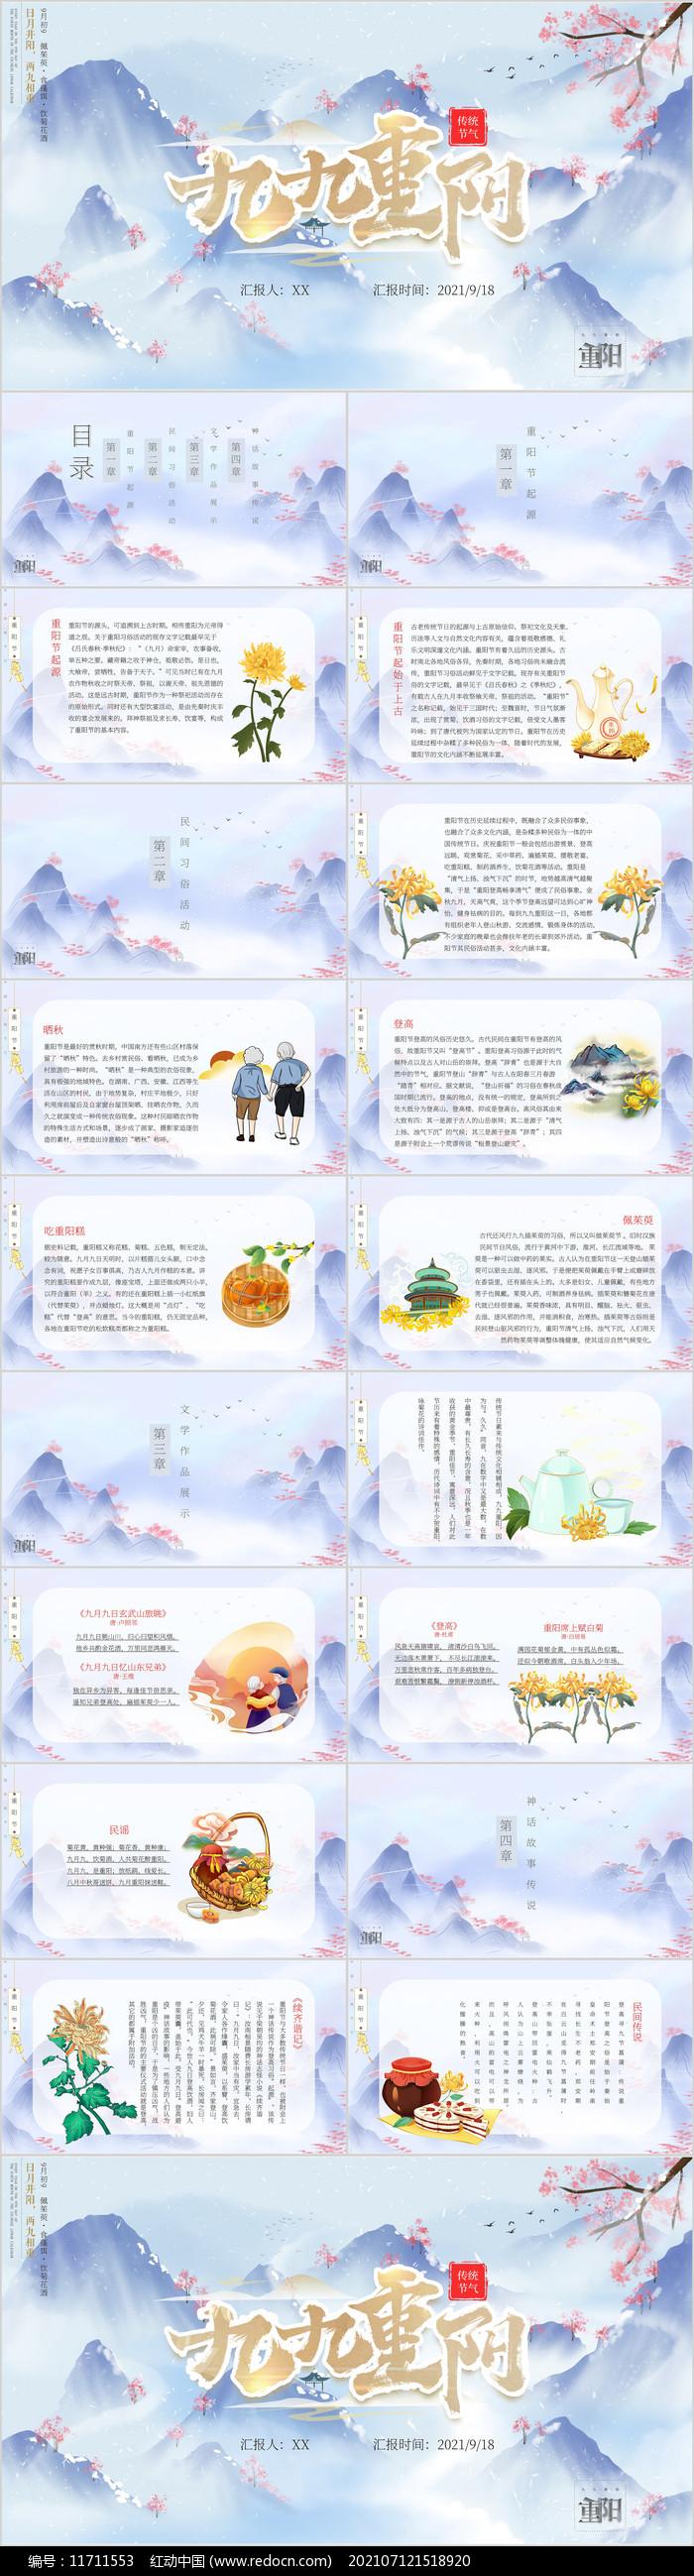 创意中国风重阳节PPT模板图片